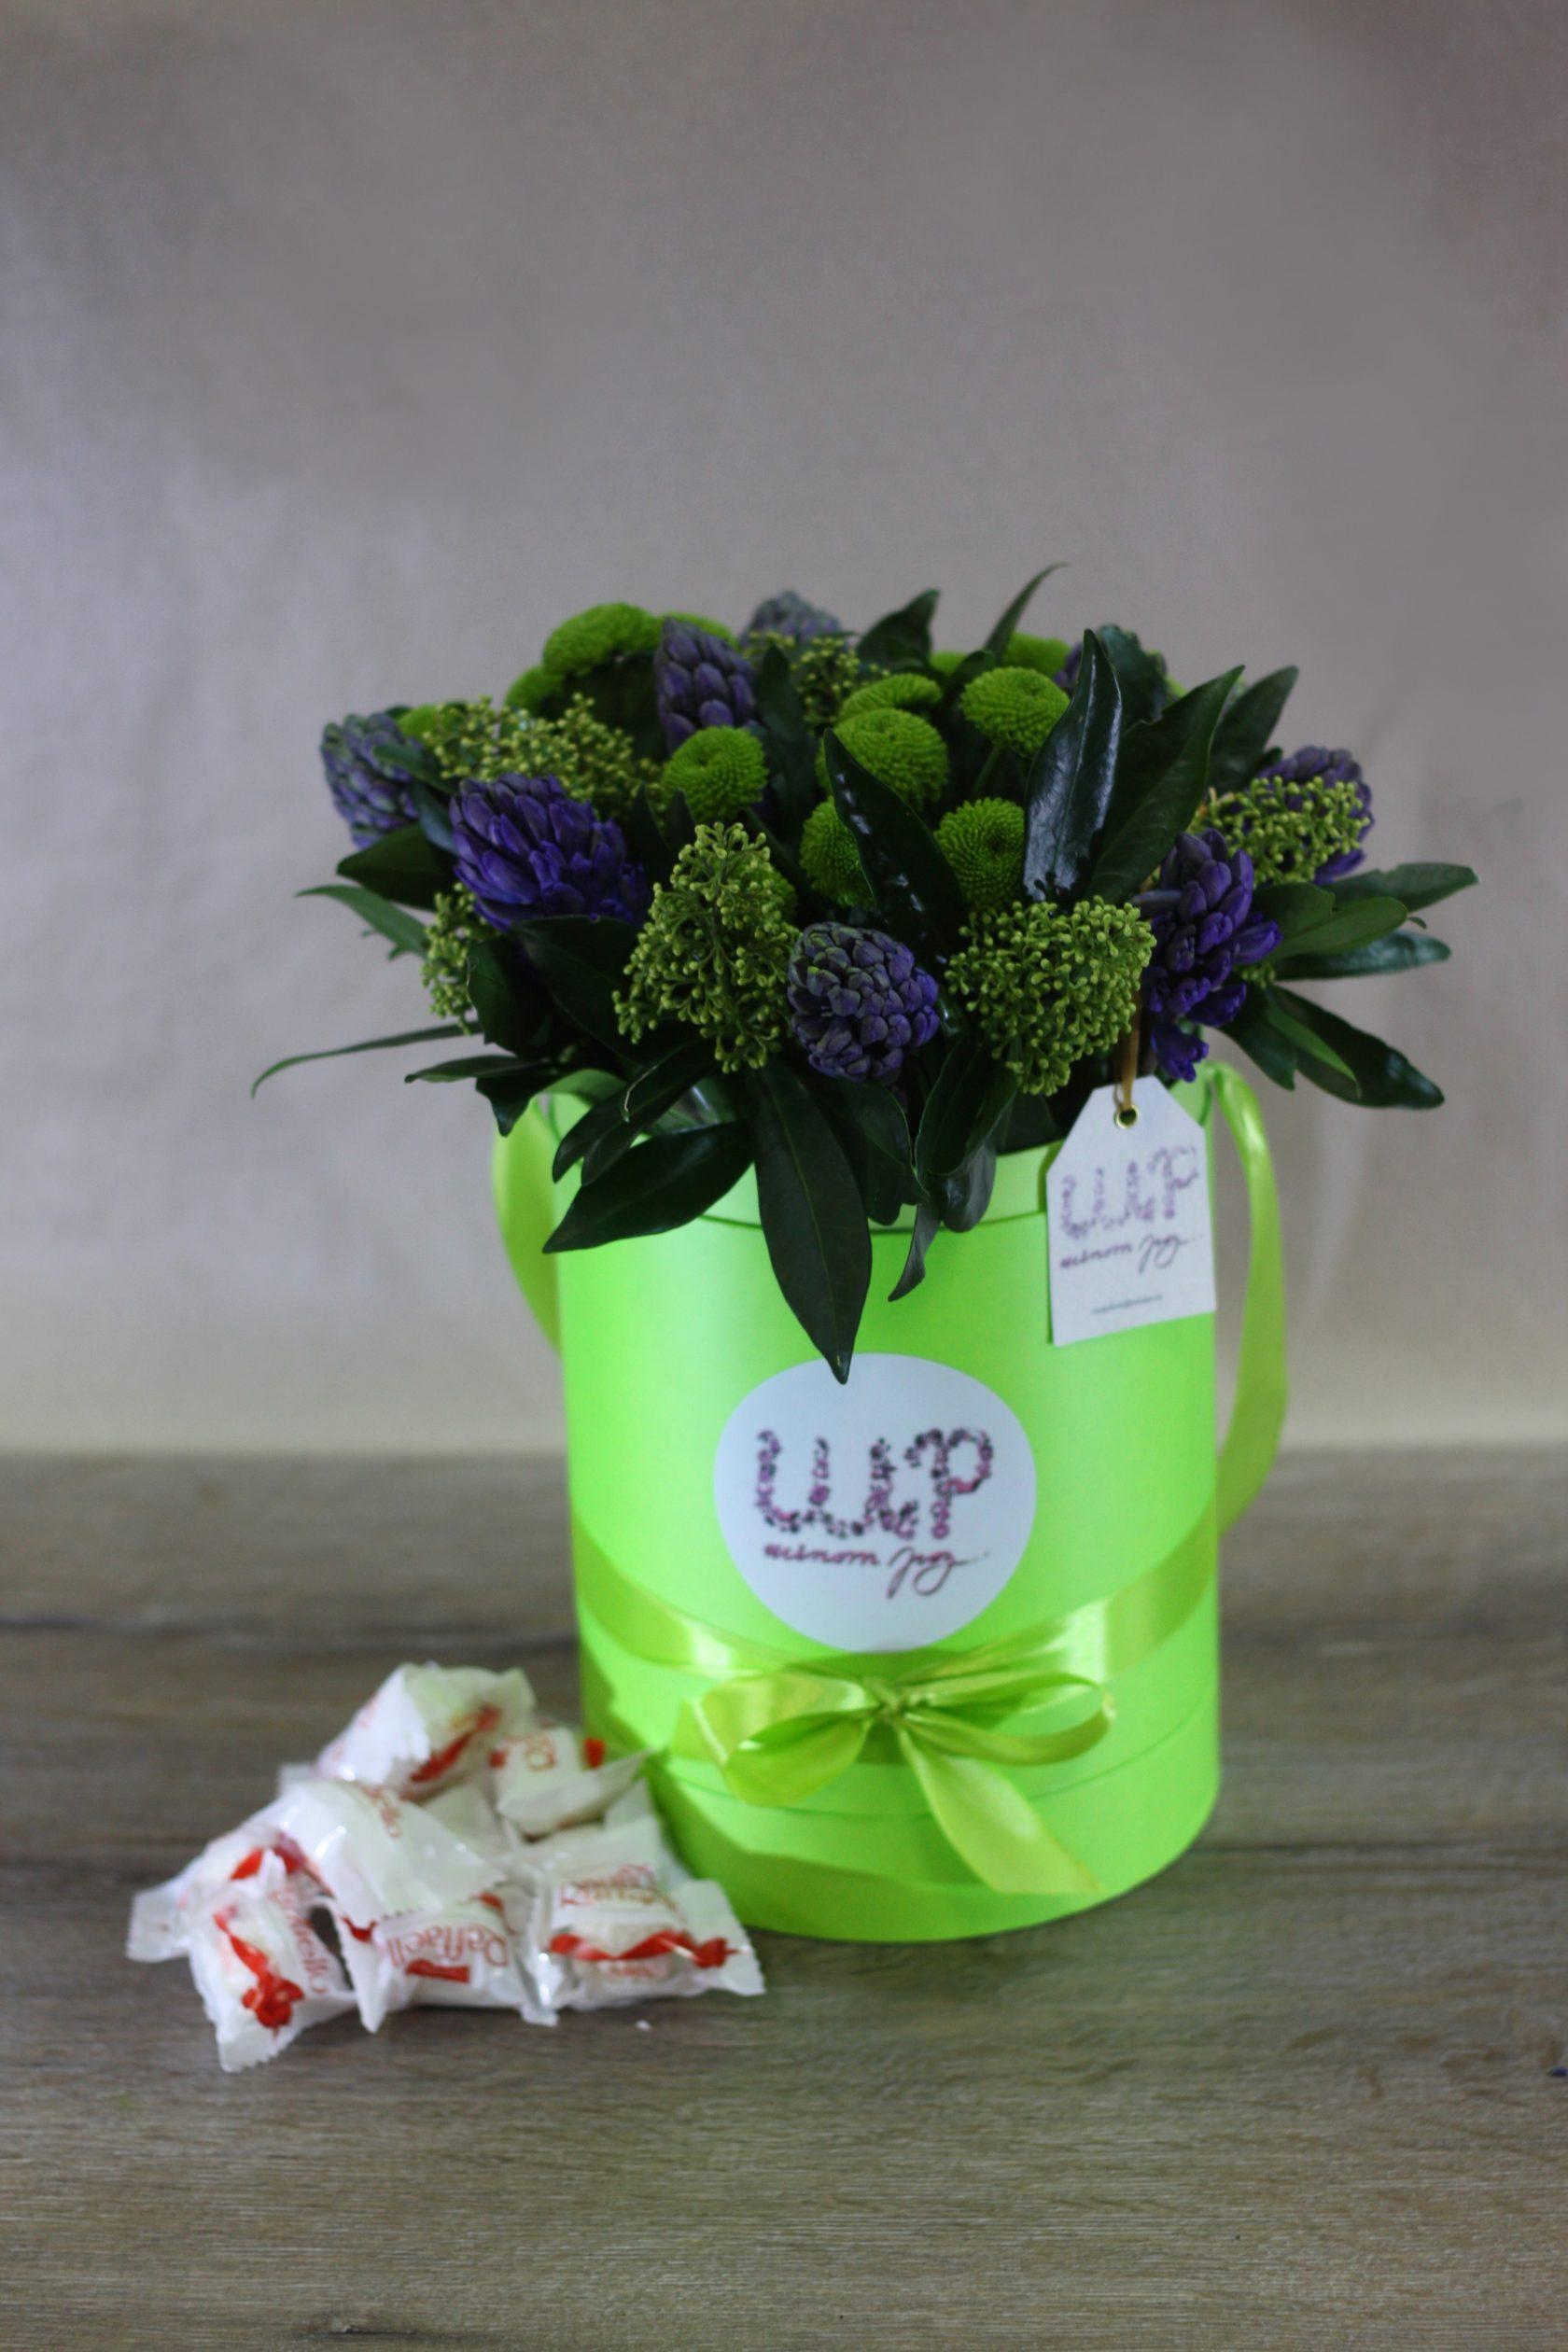 Купить цветы в красногорске в розницу дешево, букета атласной лентой